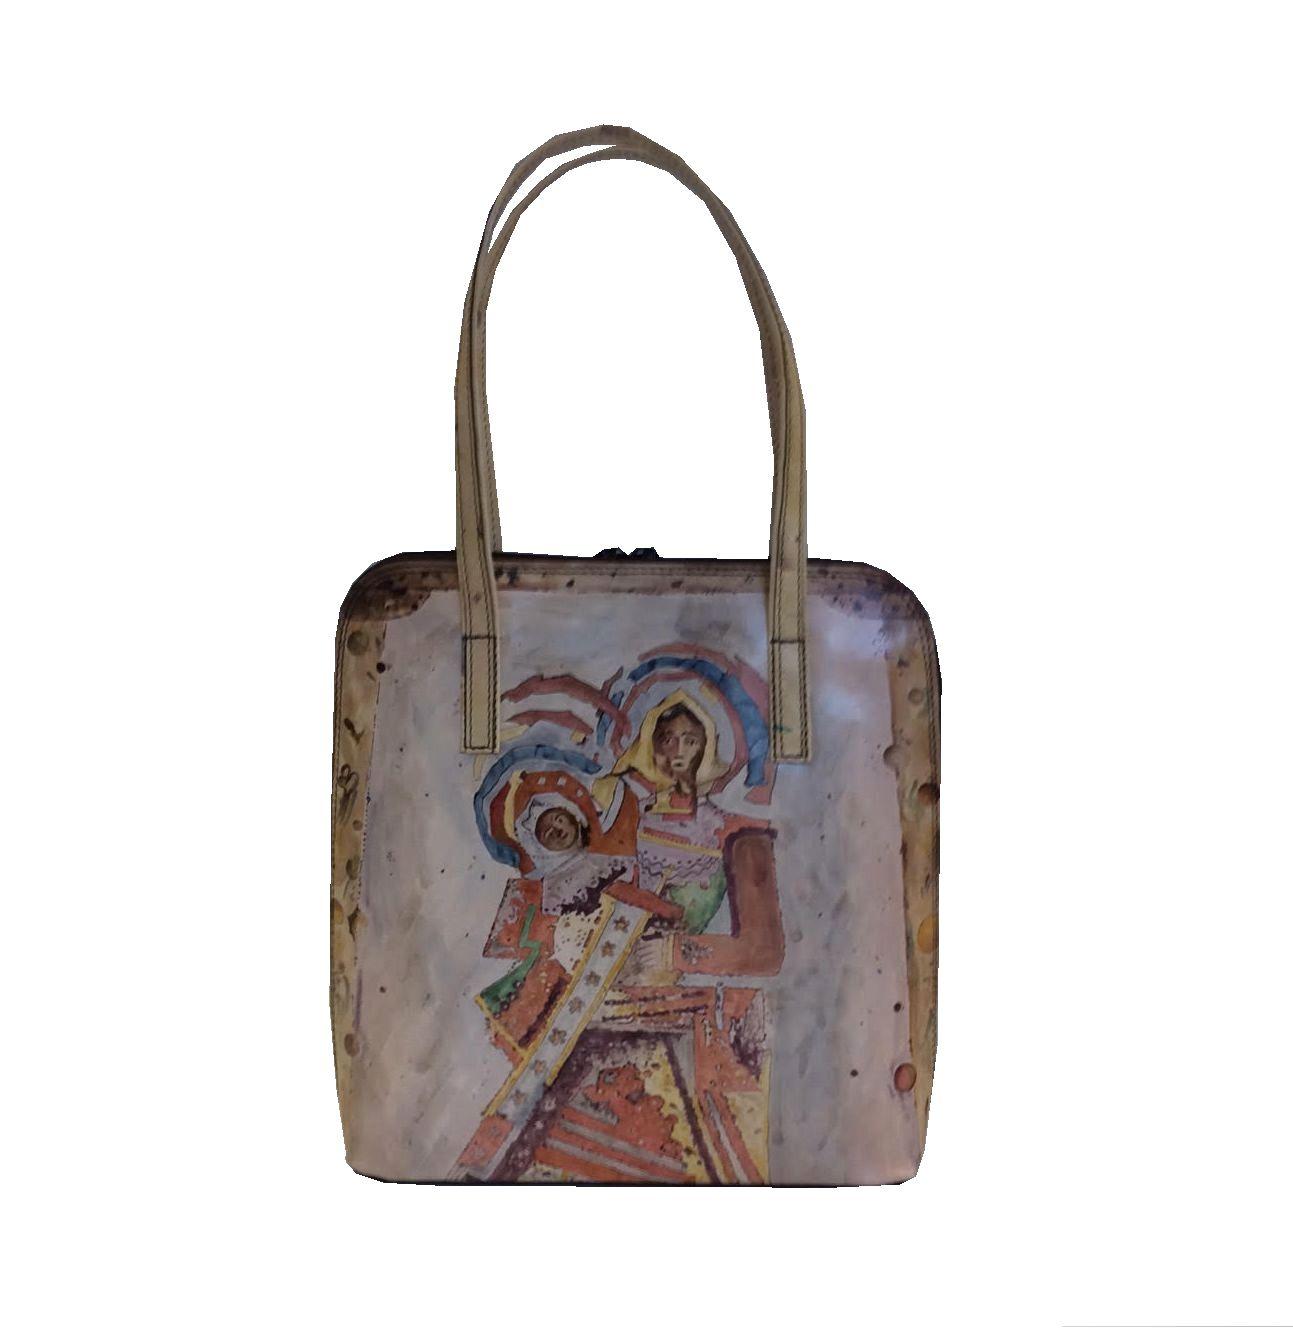 572870a8b4e5 Ručne celomaľovaná dámska kabelka č.8192 s motívom Ľudovít Fulla ...